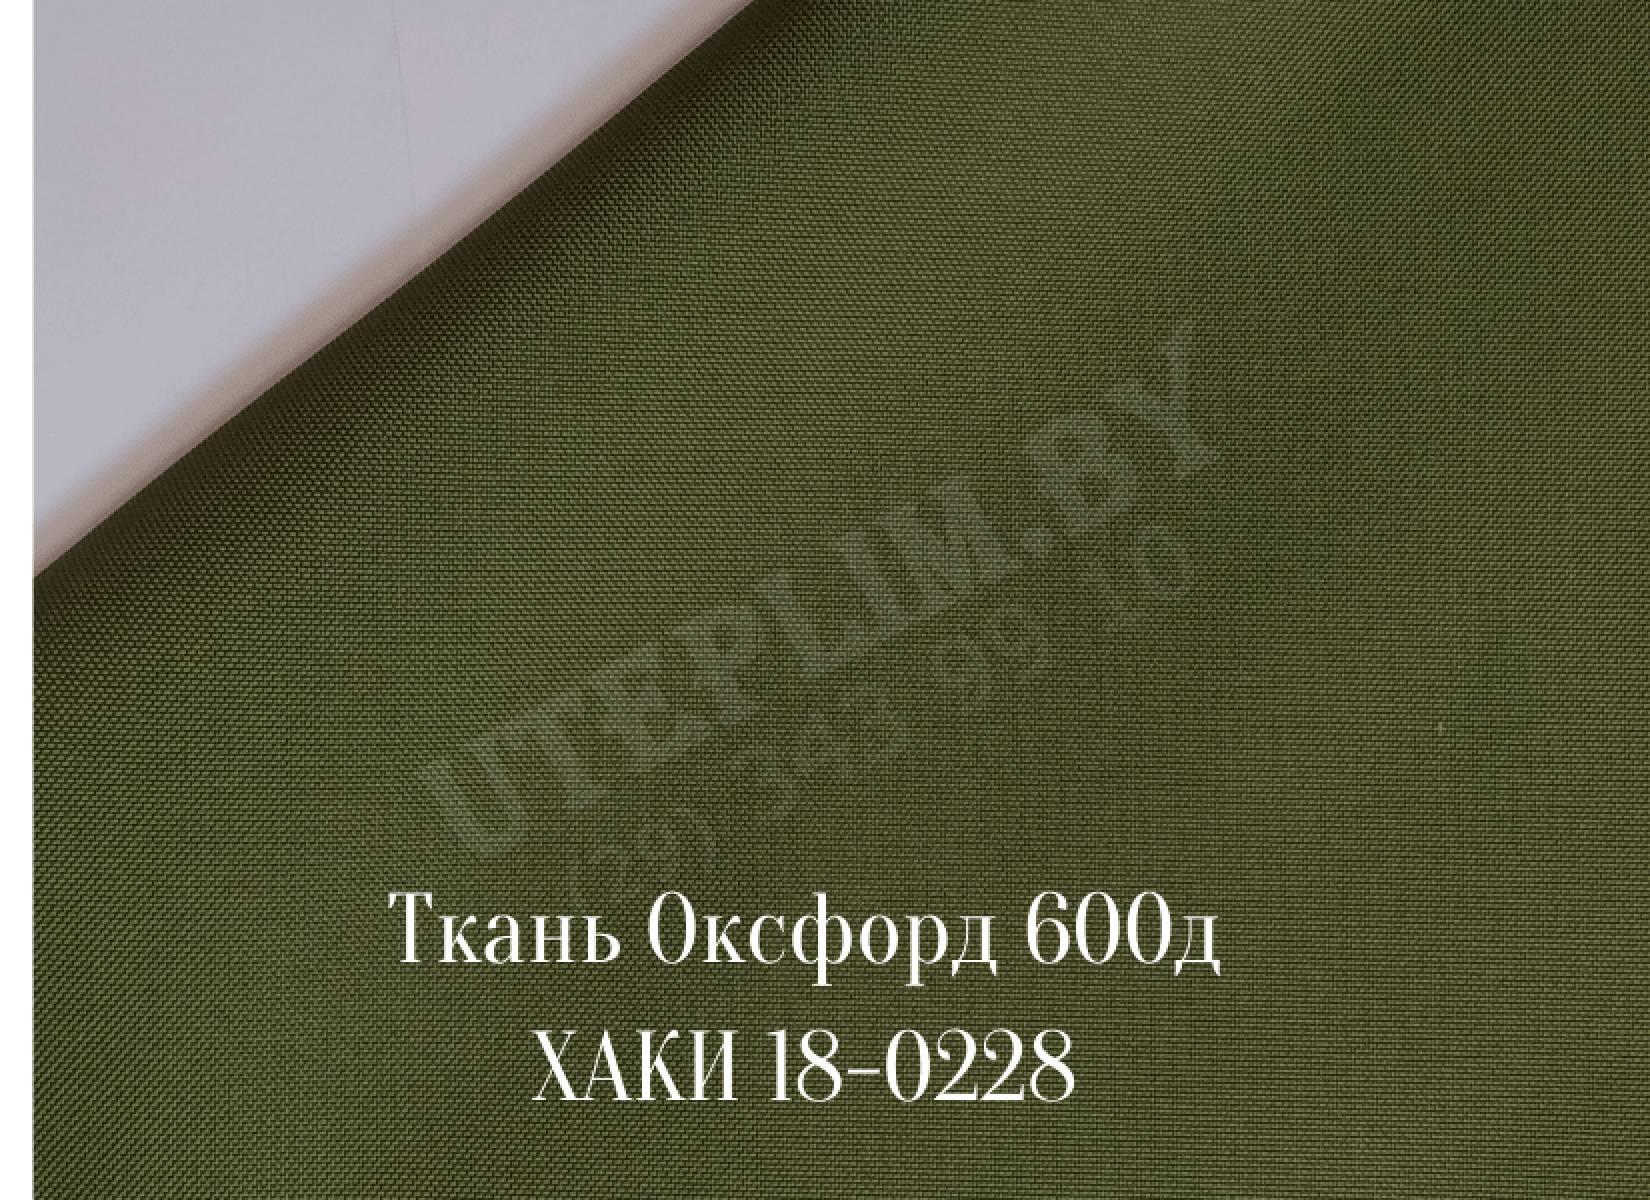 600д - хаки 18-0228